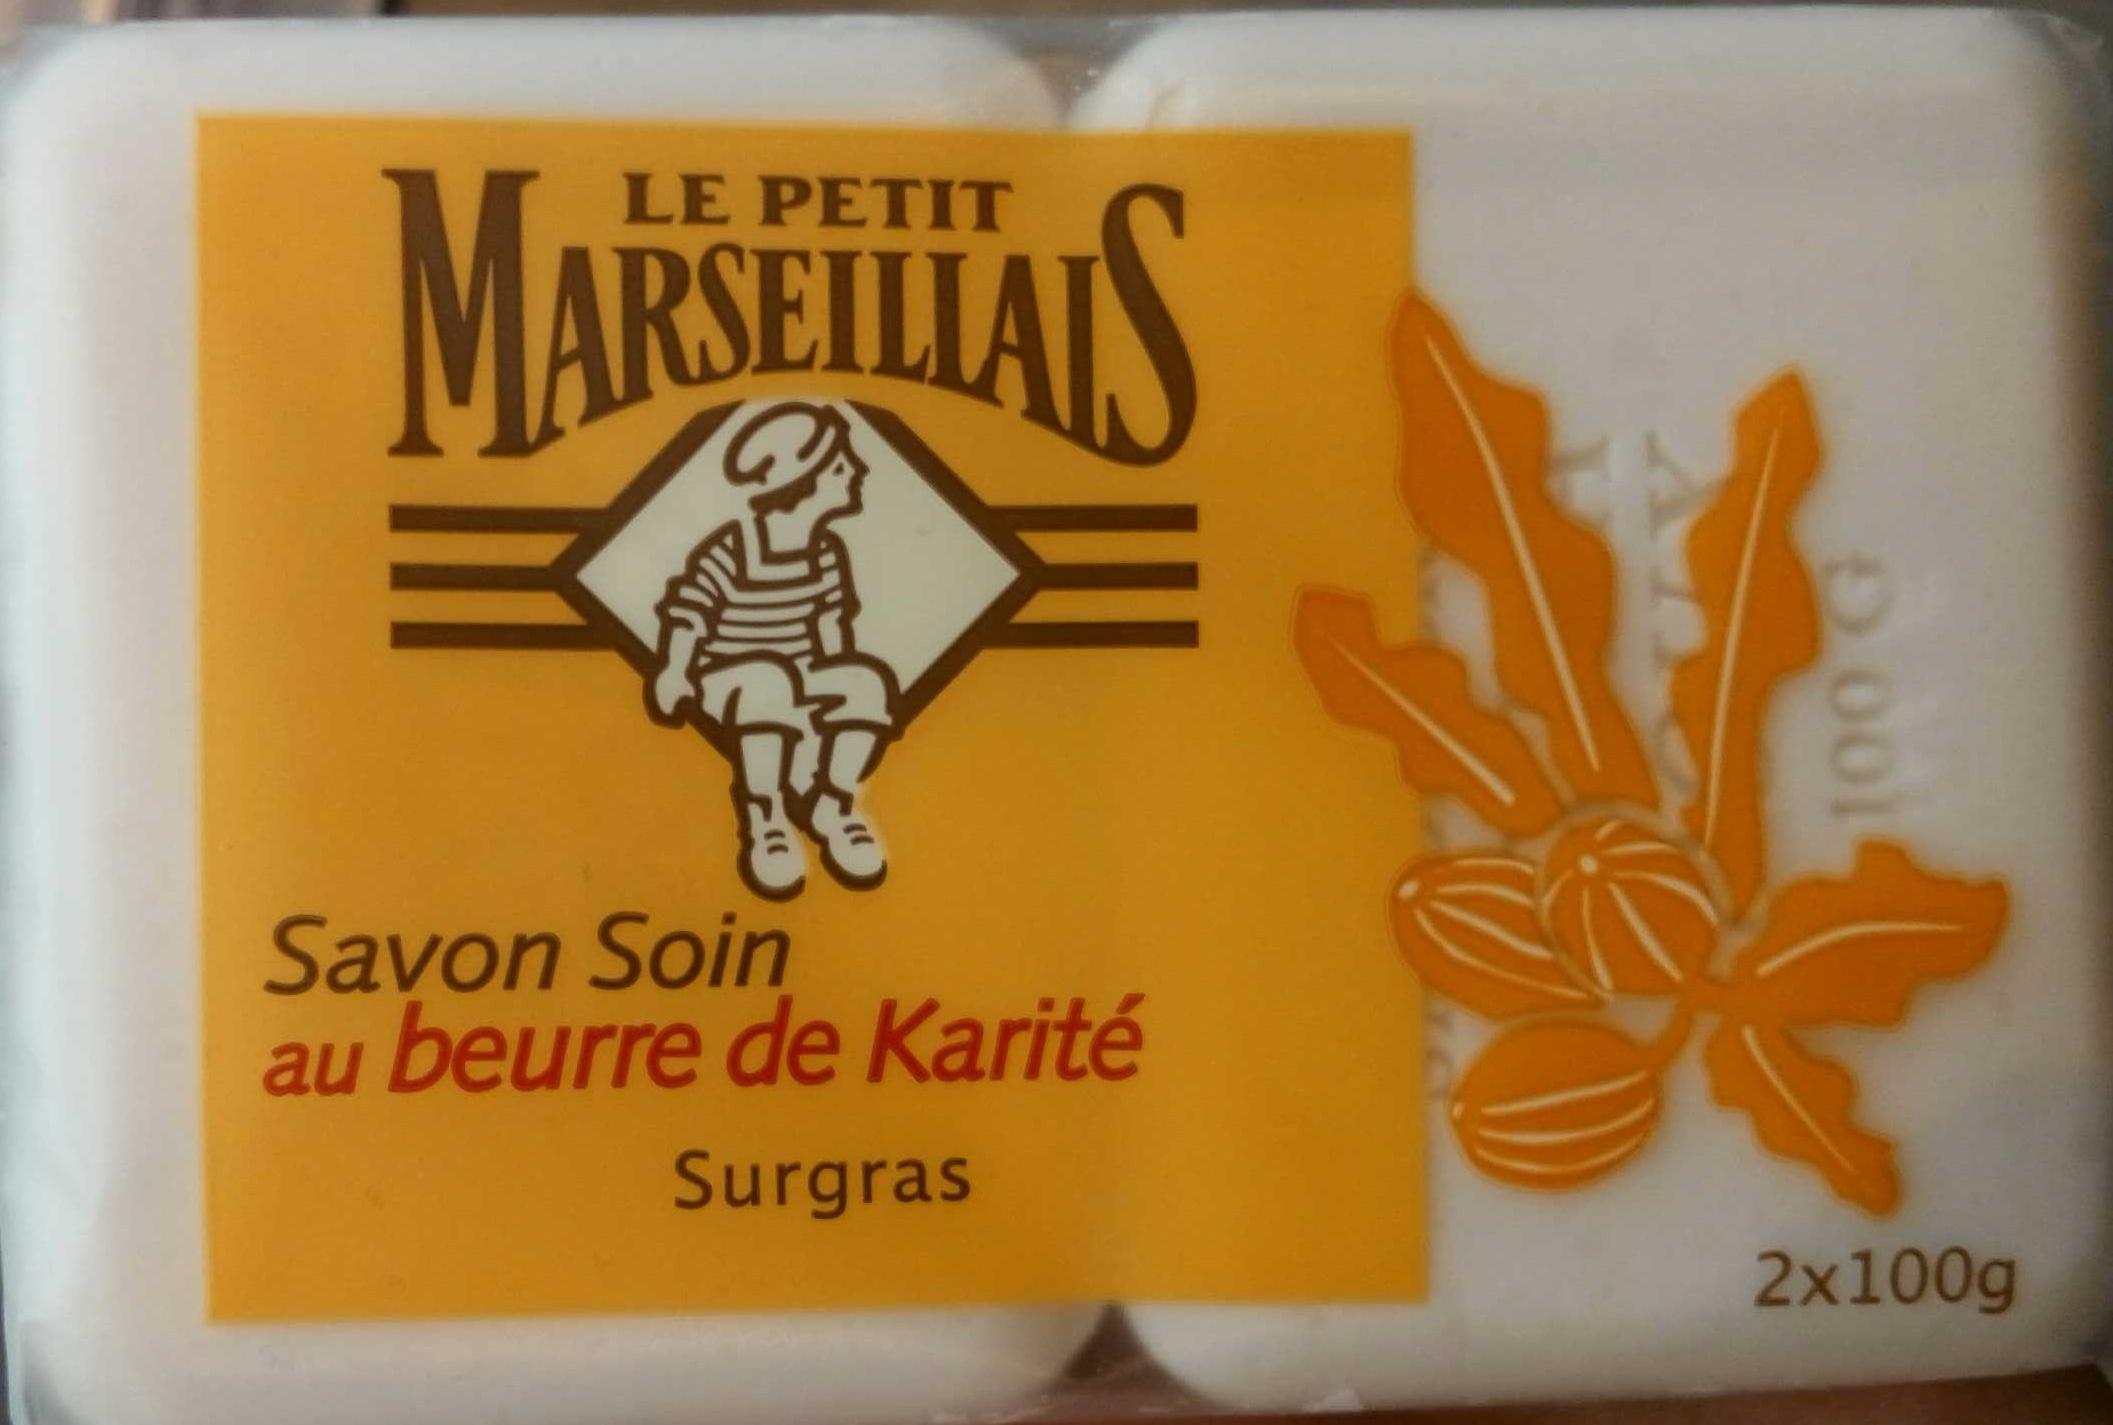 Savon soin au Beurre de Karité - Produit - fr